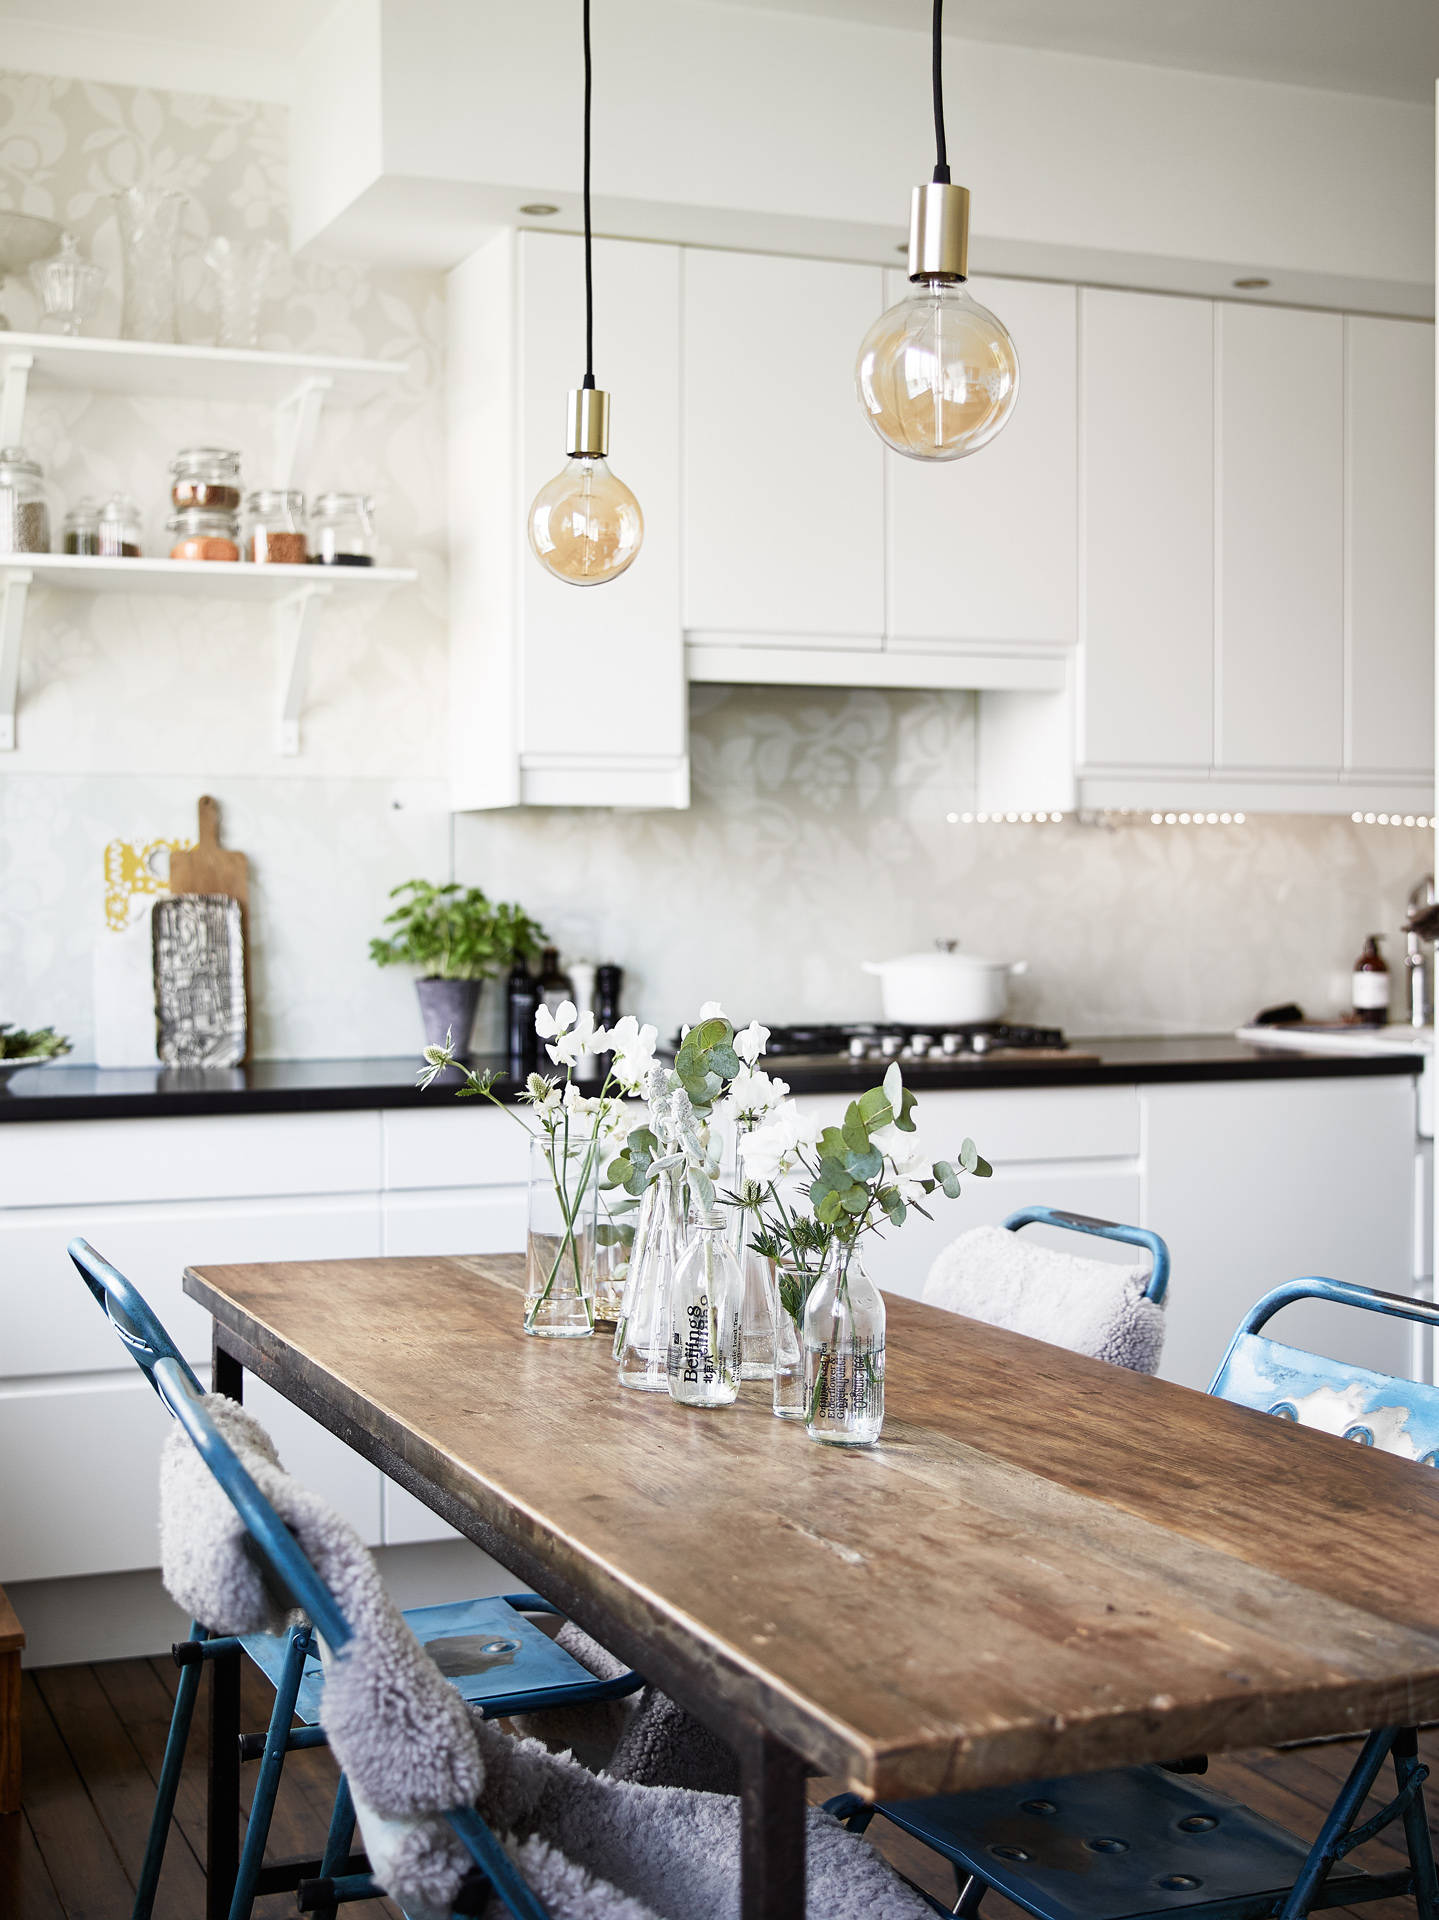 L mparas de dise o en la cocina l mparas de cocina - Iluminacion para cocina comedor ...